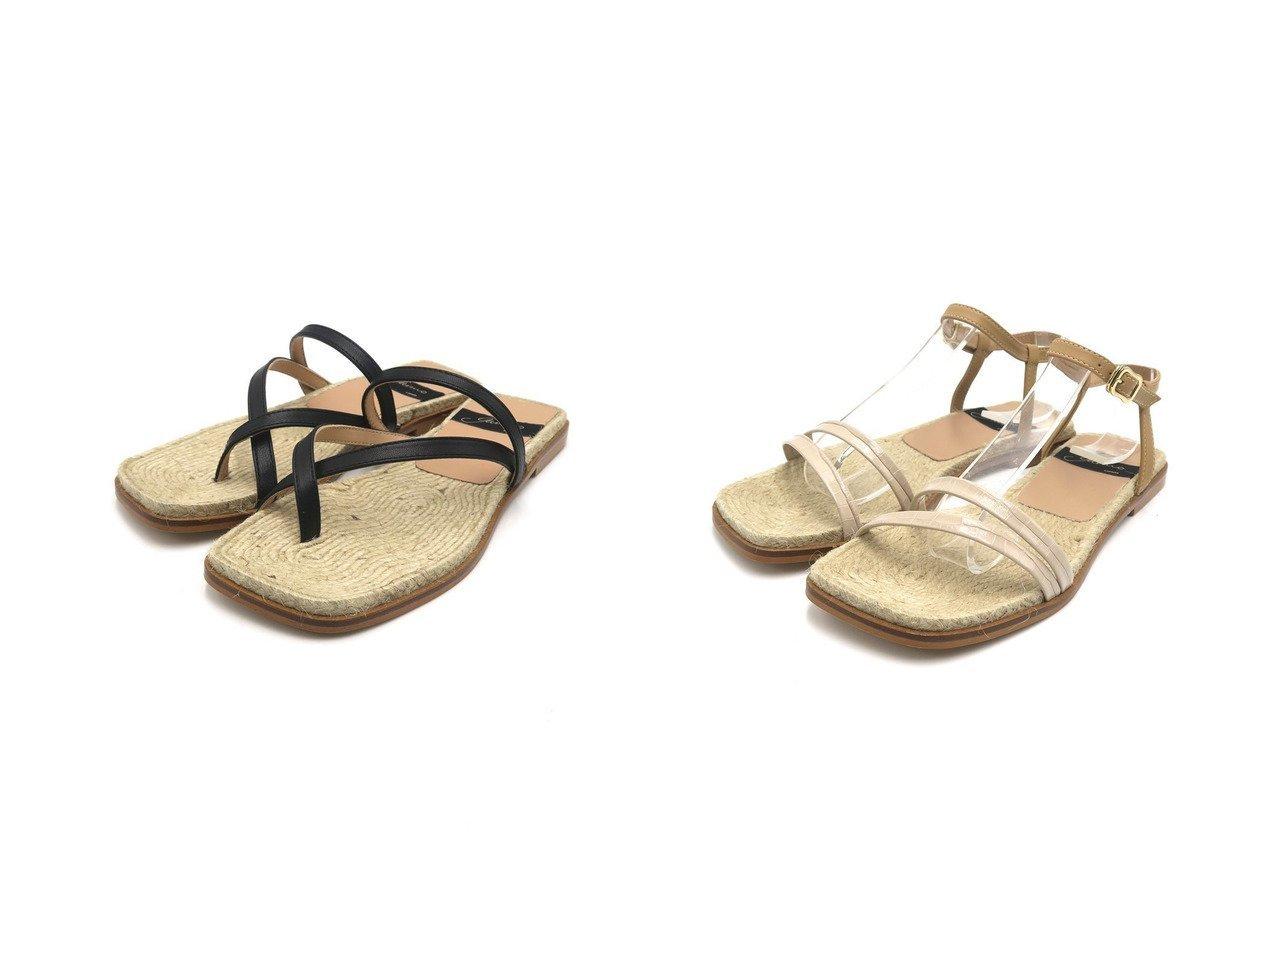 【Esmeralda/エスメラルダ】の【Gaimo】トングジュートサンダル&【Gaimo】ストラップフラットサンダル 【シューズ・靴】おすすめ!人気、トレンド・レディースファッションの通販 おすすめで人気の流行・トレンド、ファッションの通販商品 インテリア・家具・メンズファッション・キッズファッション・レディースファッション・服の通販 founy(ファニー) https://founy.com/ ファッション Fashion レディースファッション WOMEN サンダル ジュート ストラップ トレンド ラップ 人気 定番 Standard  ID:crp329100000045149